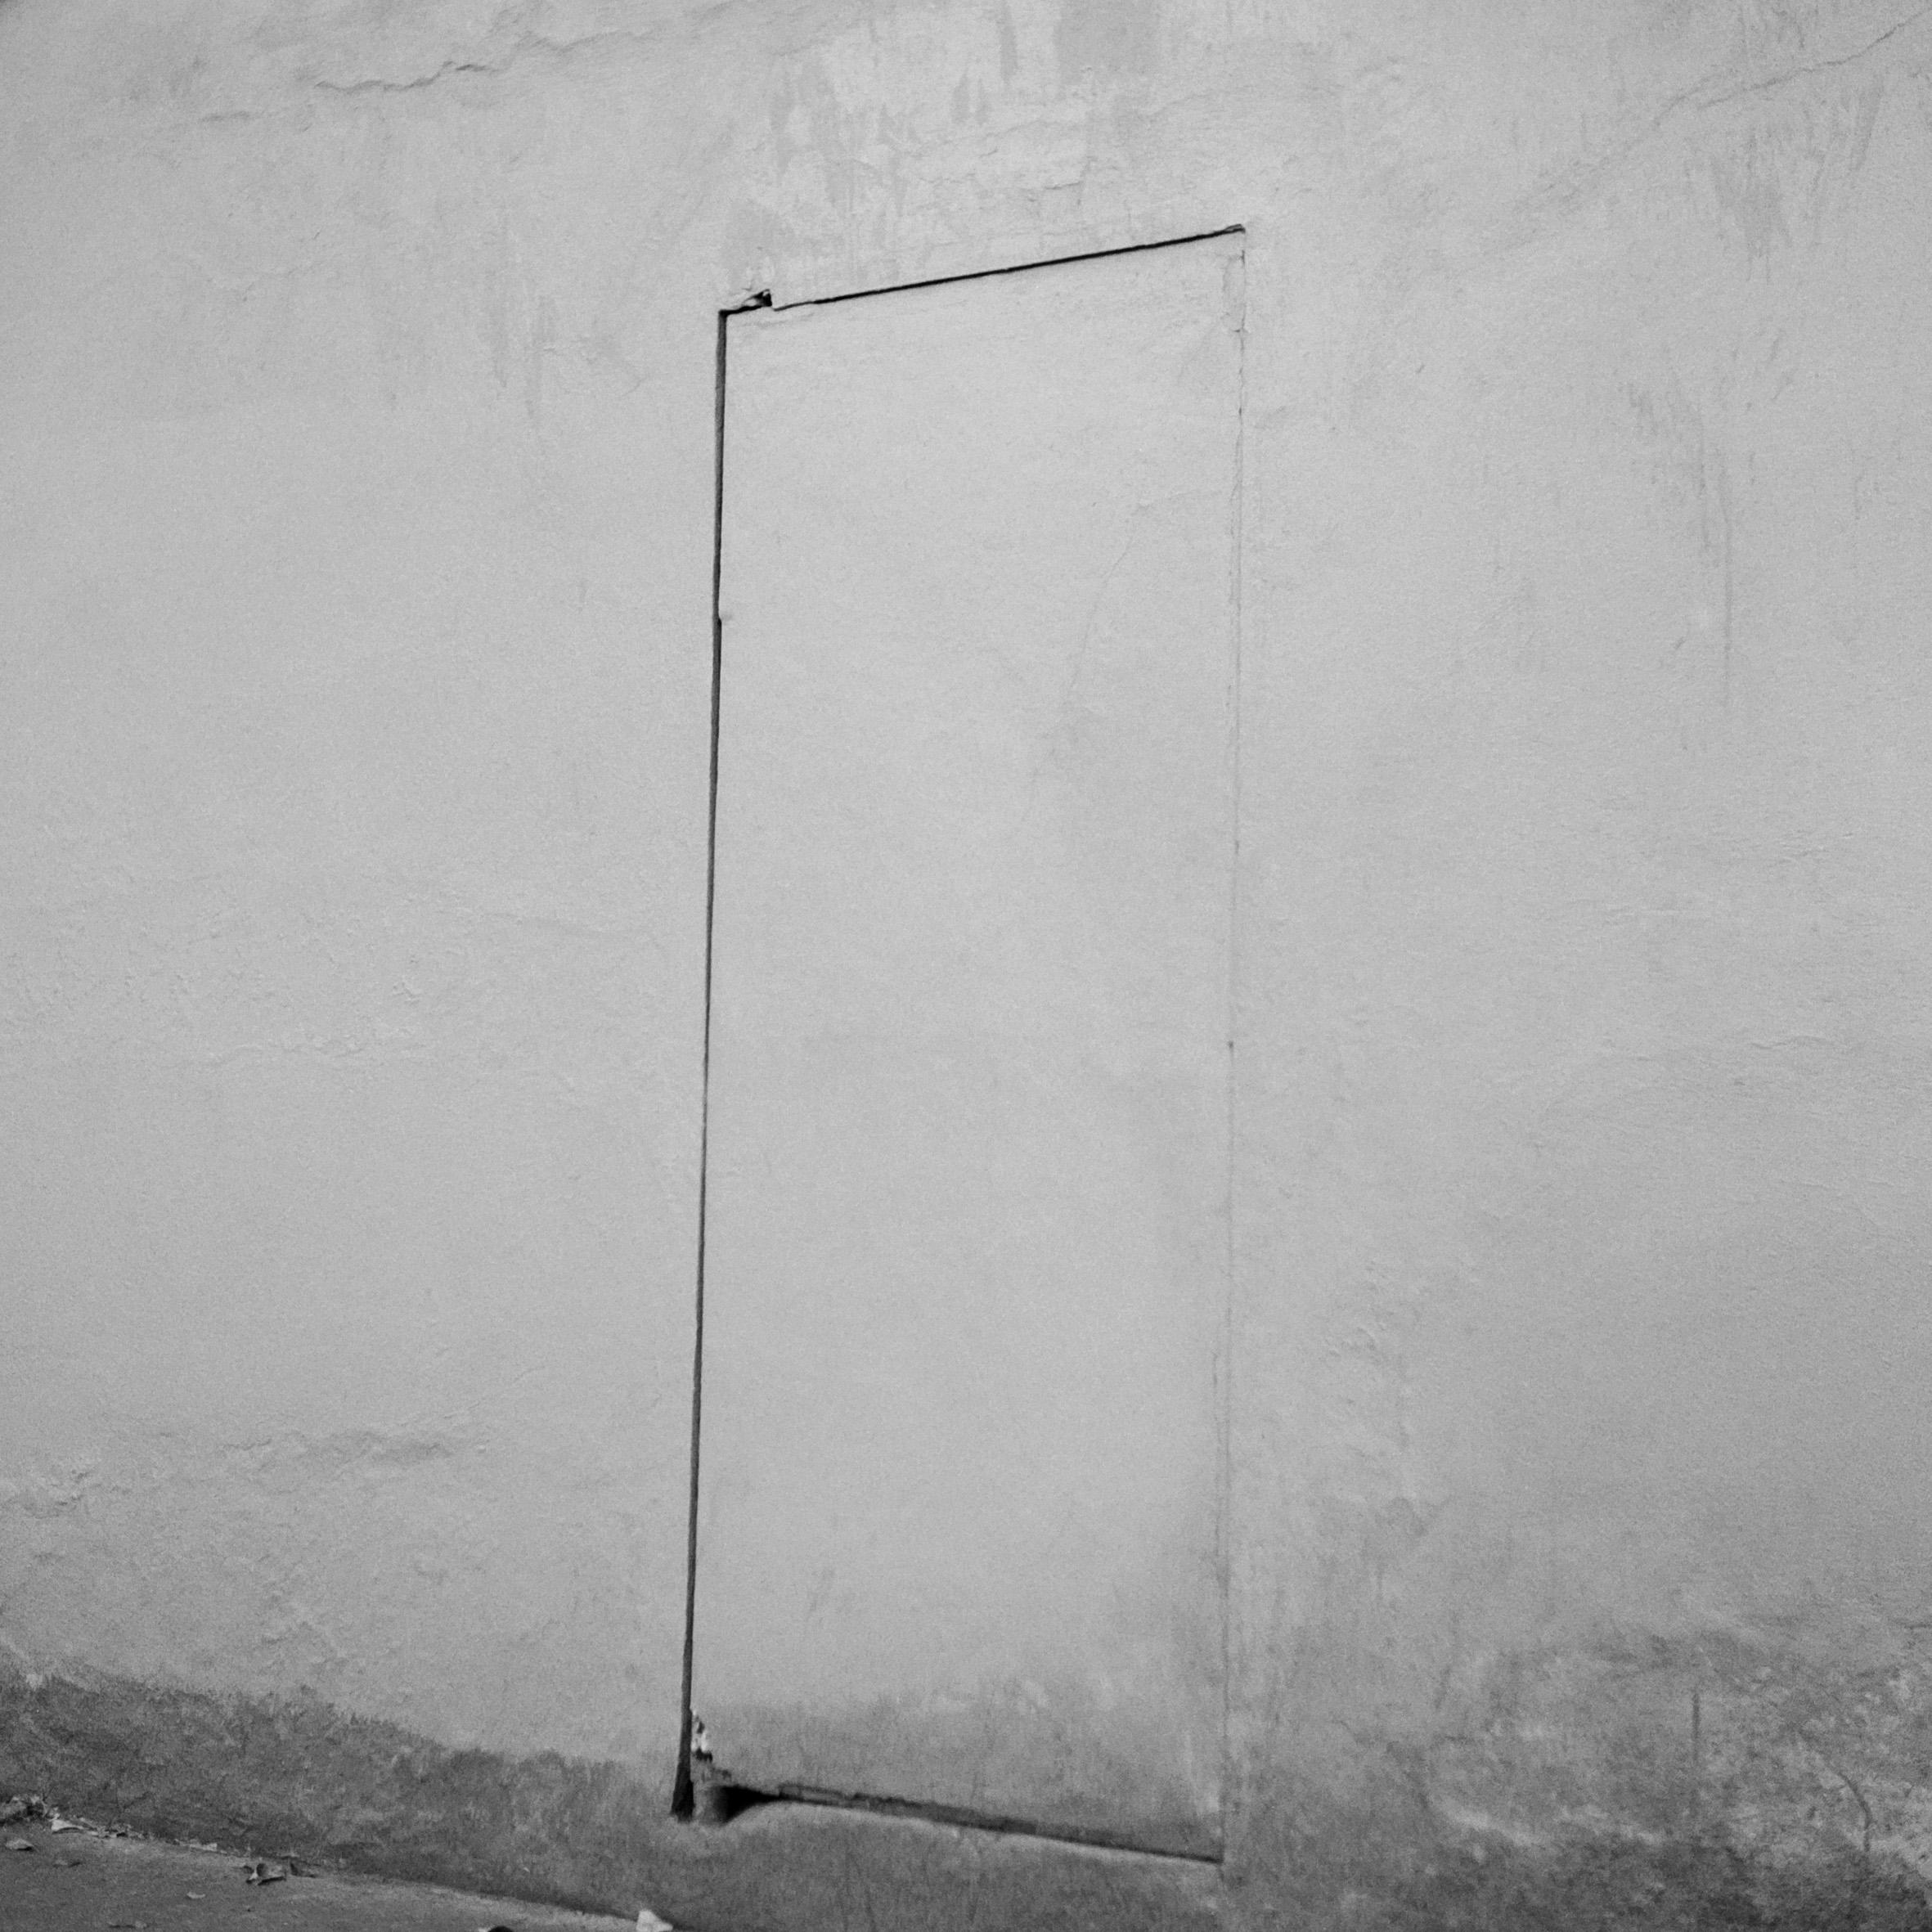 Oswaldo Ruiz, Entrada, 2016, plata sobre gelatina